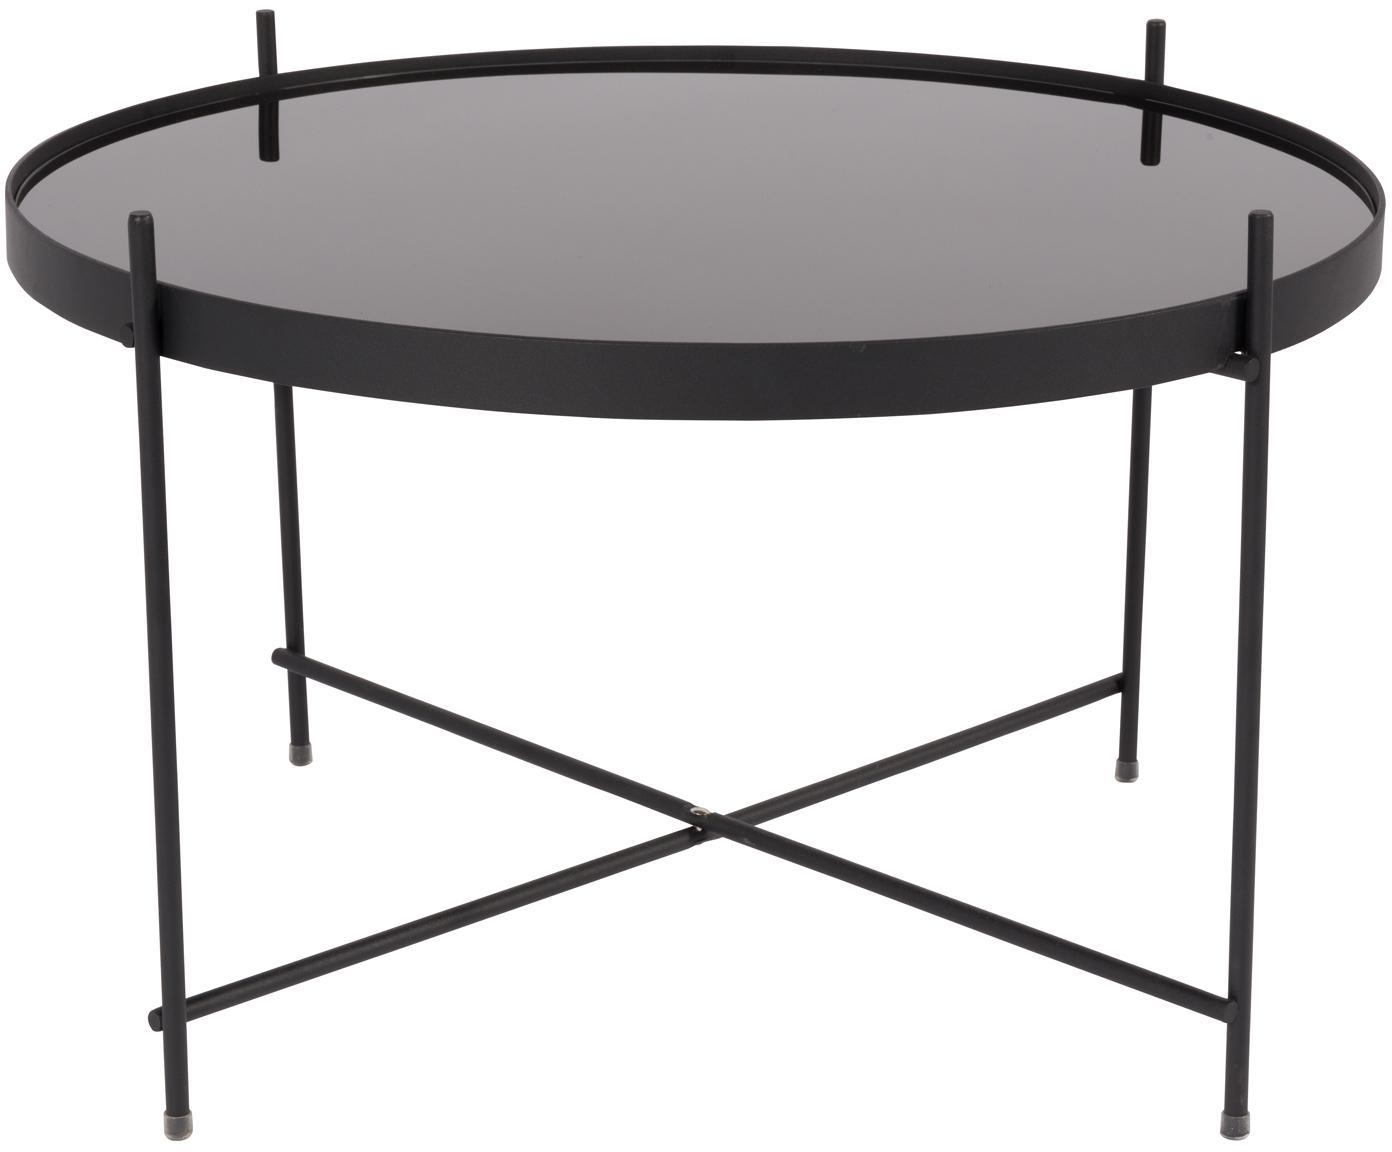 Kleine salontafel Cupid met glazen tafelblad, Frame: gepoedercoat metaal, Tafelblad: zwart glas, Zwart, Ø 63 x H 40 cm